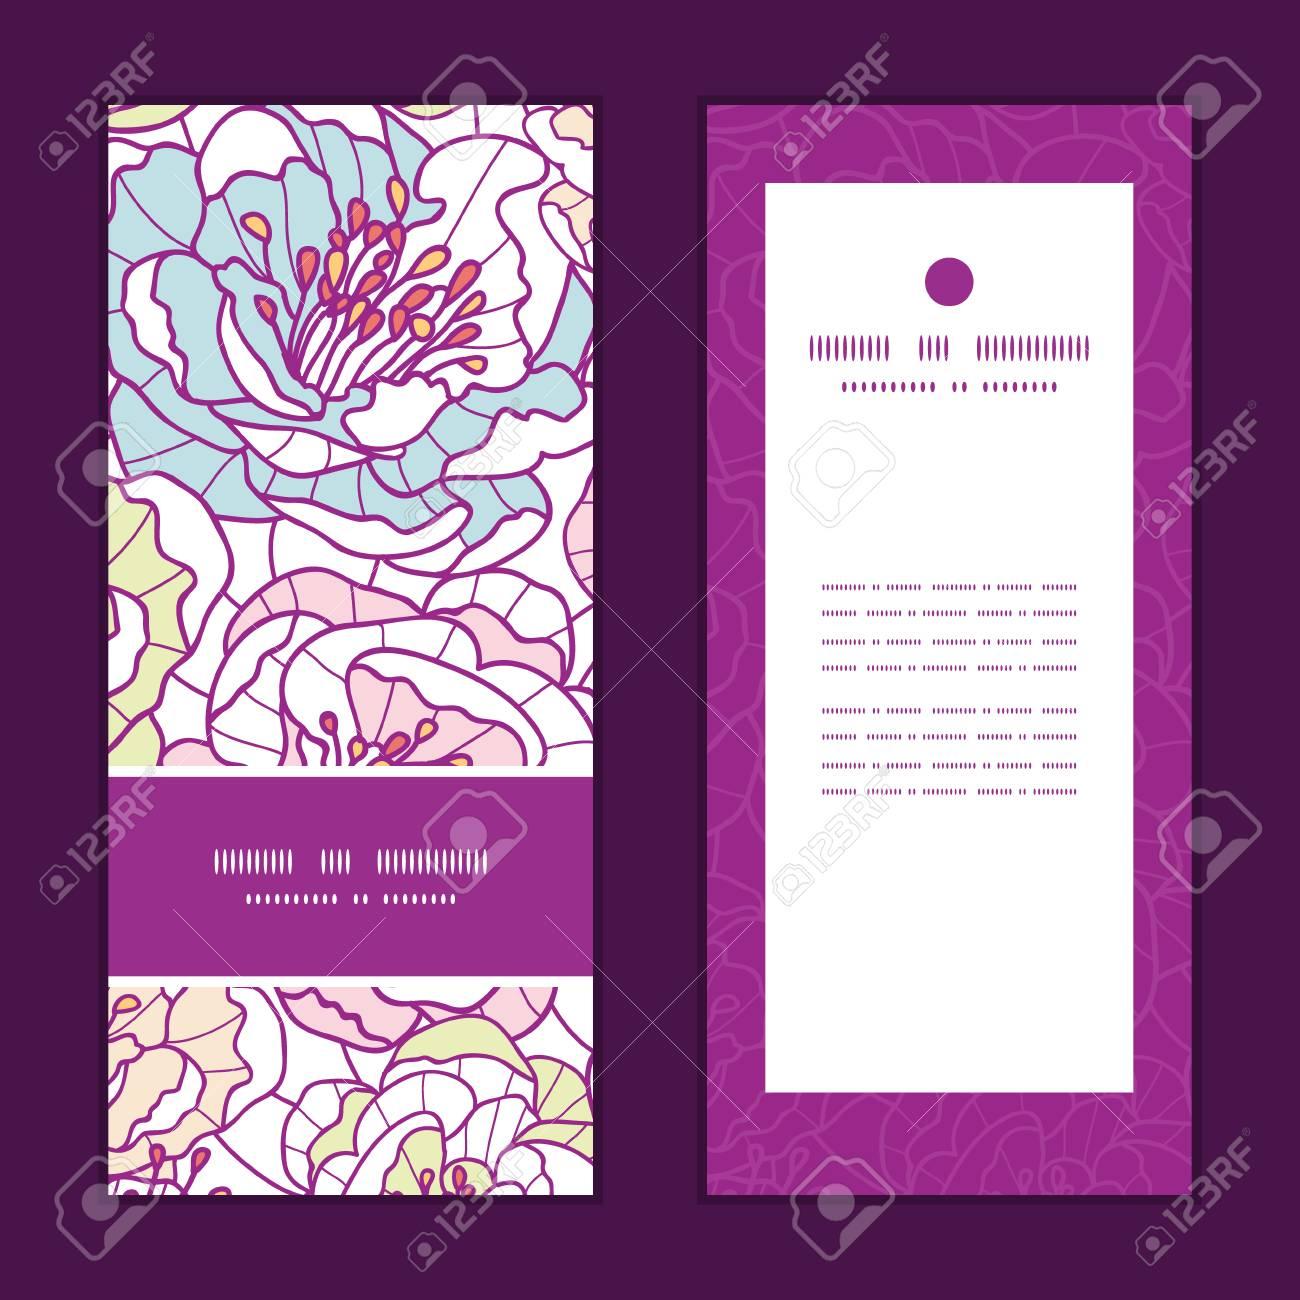 Colorida Línea Vector Flores Del Arte Del Patrón De Serie De Tarjetas De Invitación Verticales Configuran